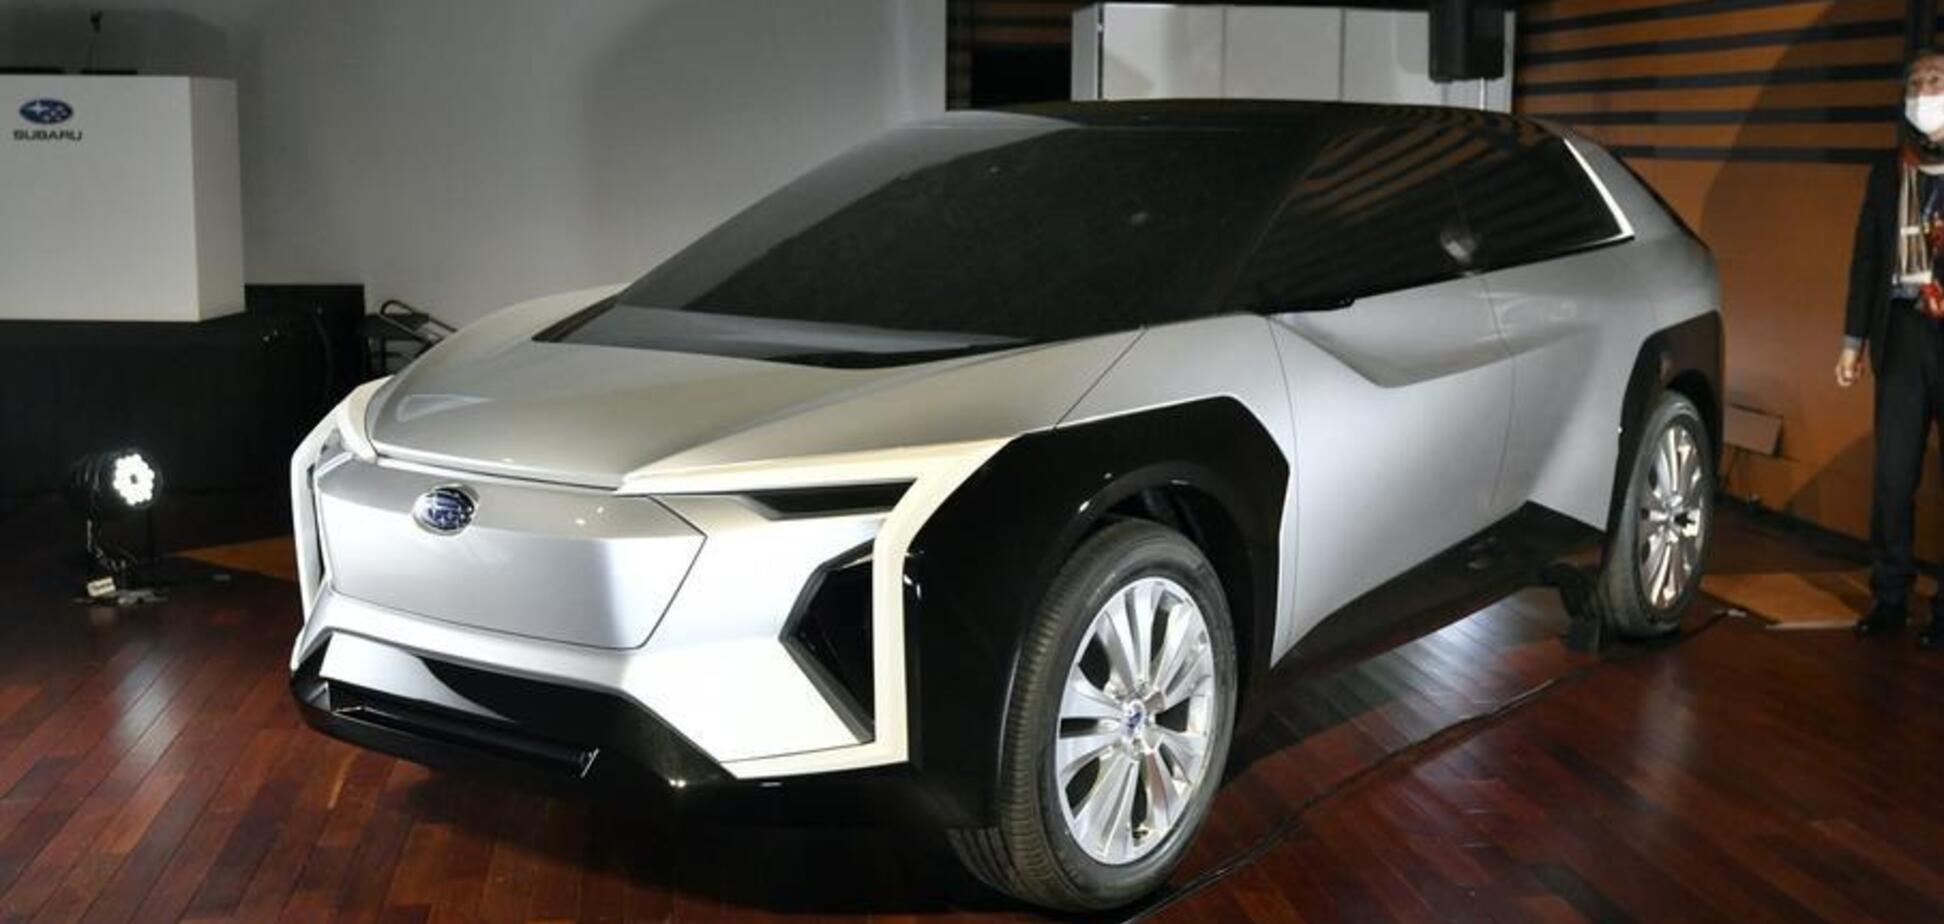 Совместный кроссовер Subaru и Toyota: показаны первые фото